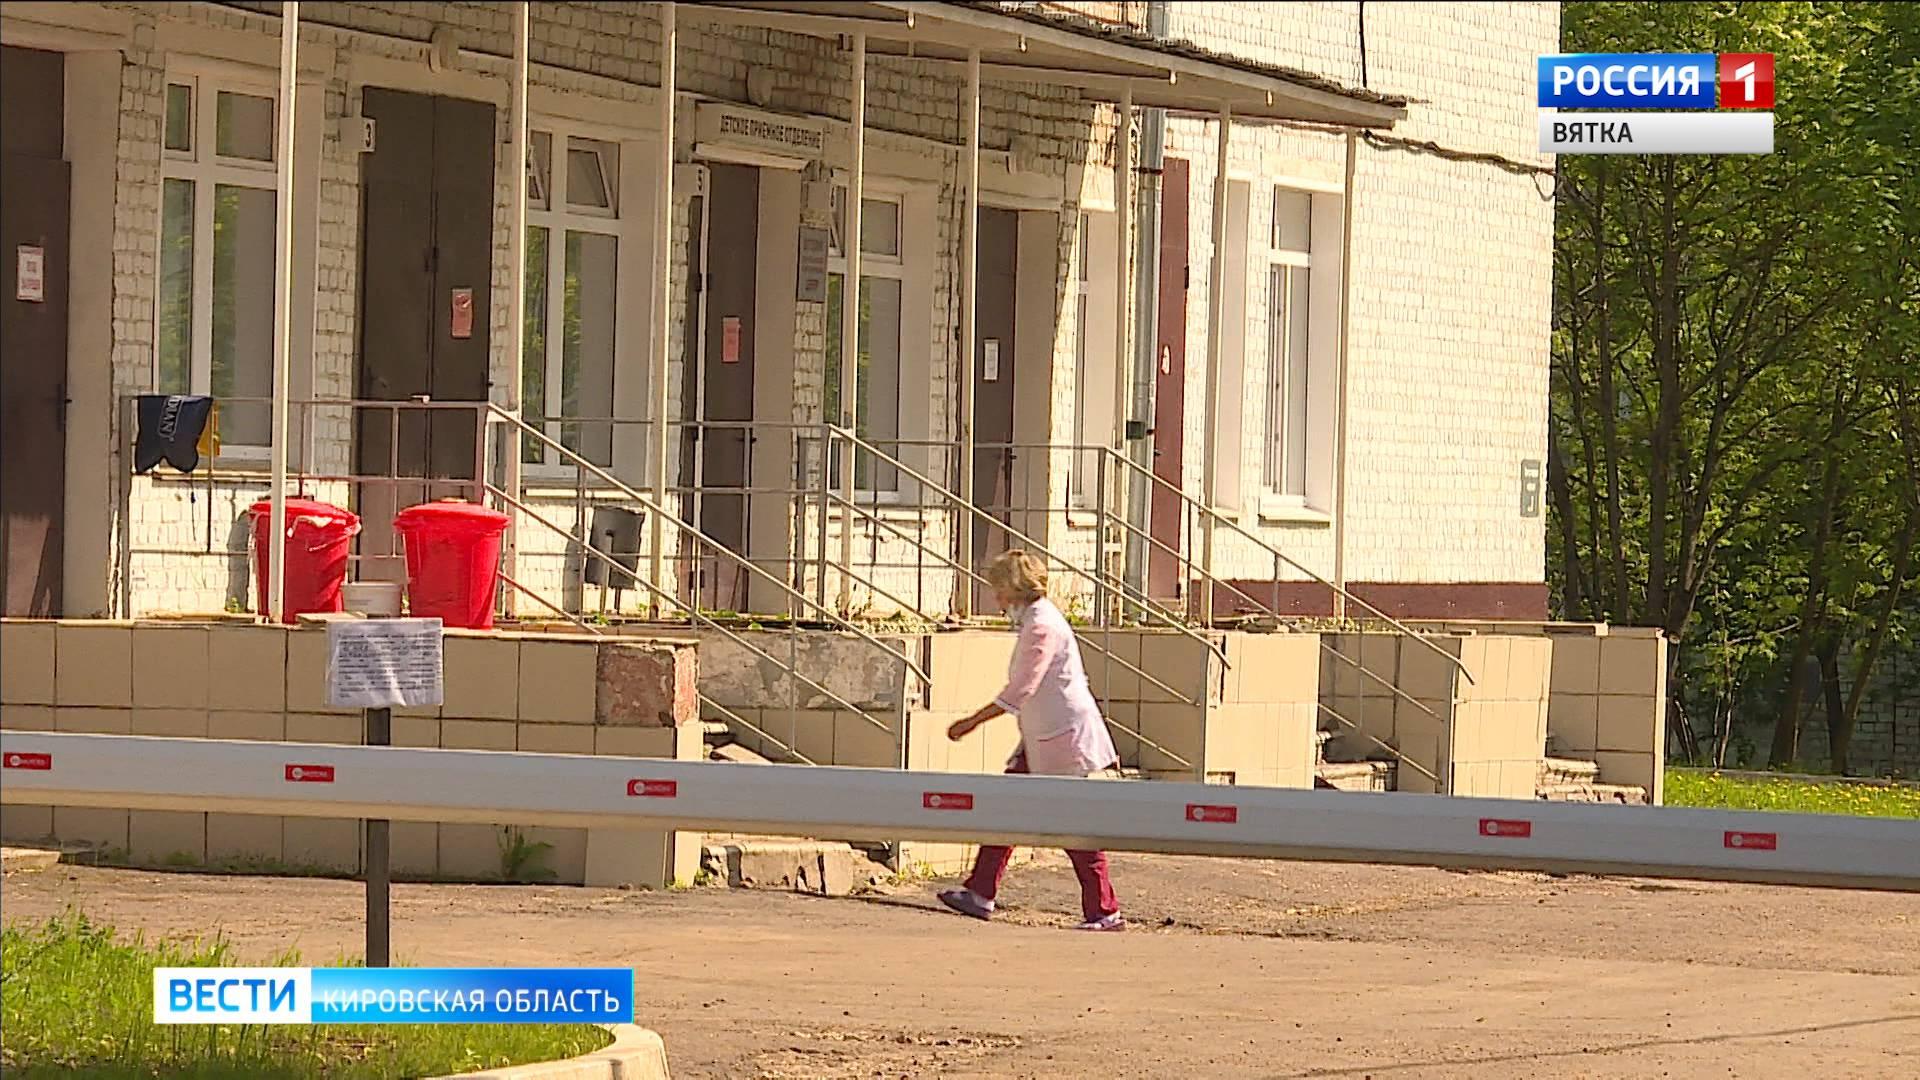 В Кировской области выявлено за сутки 64 новых случая коронавируса